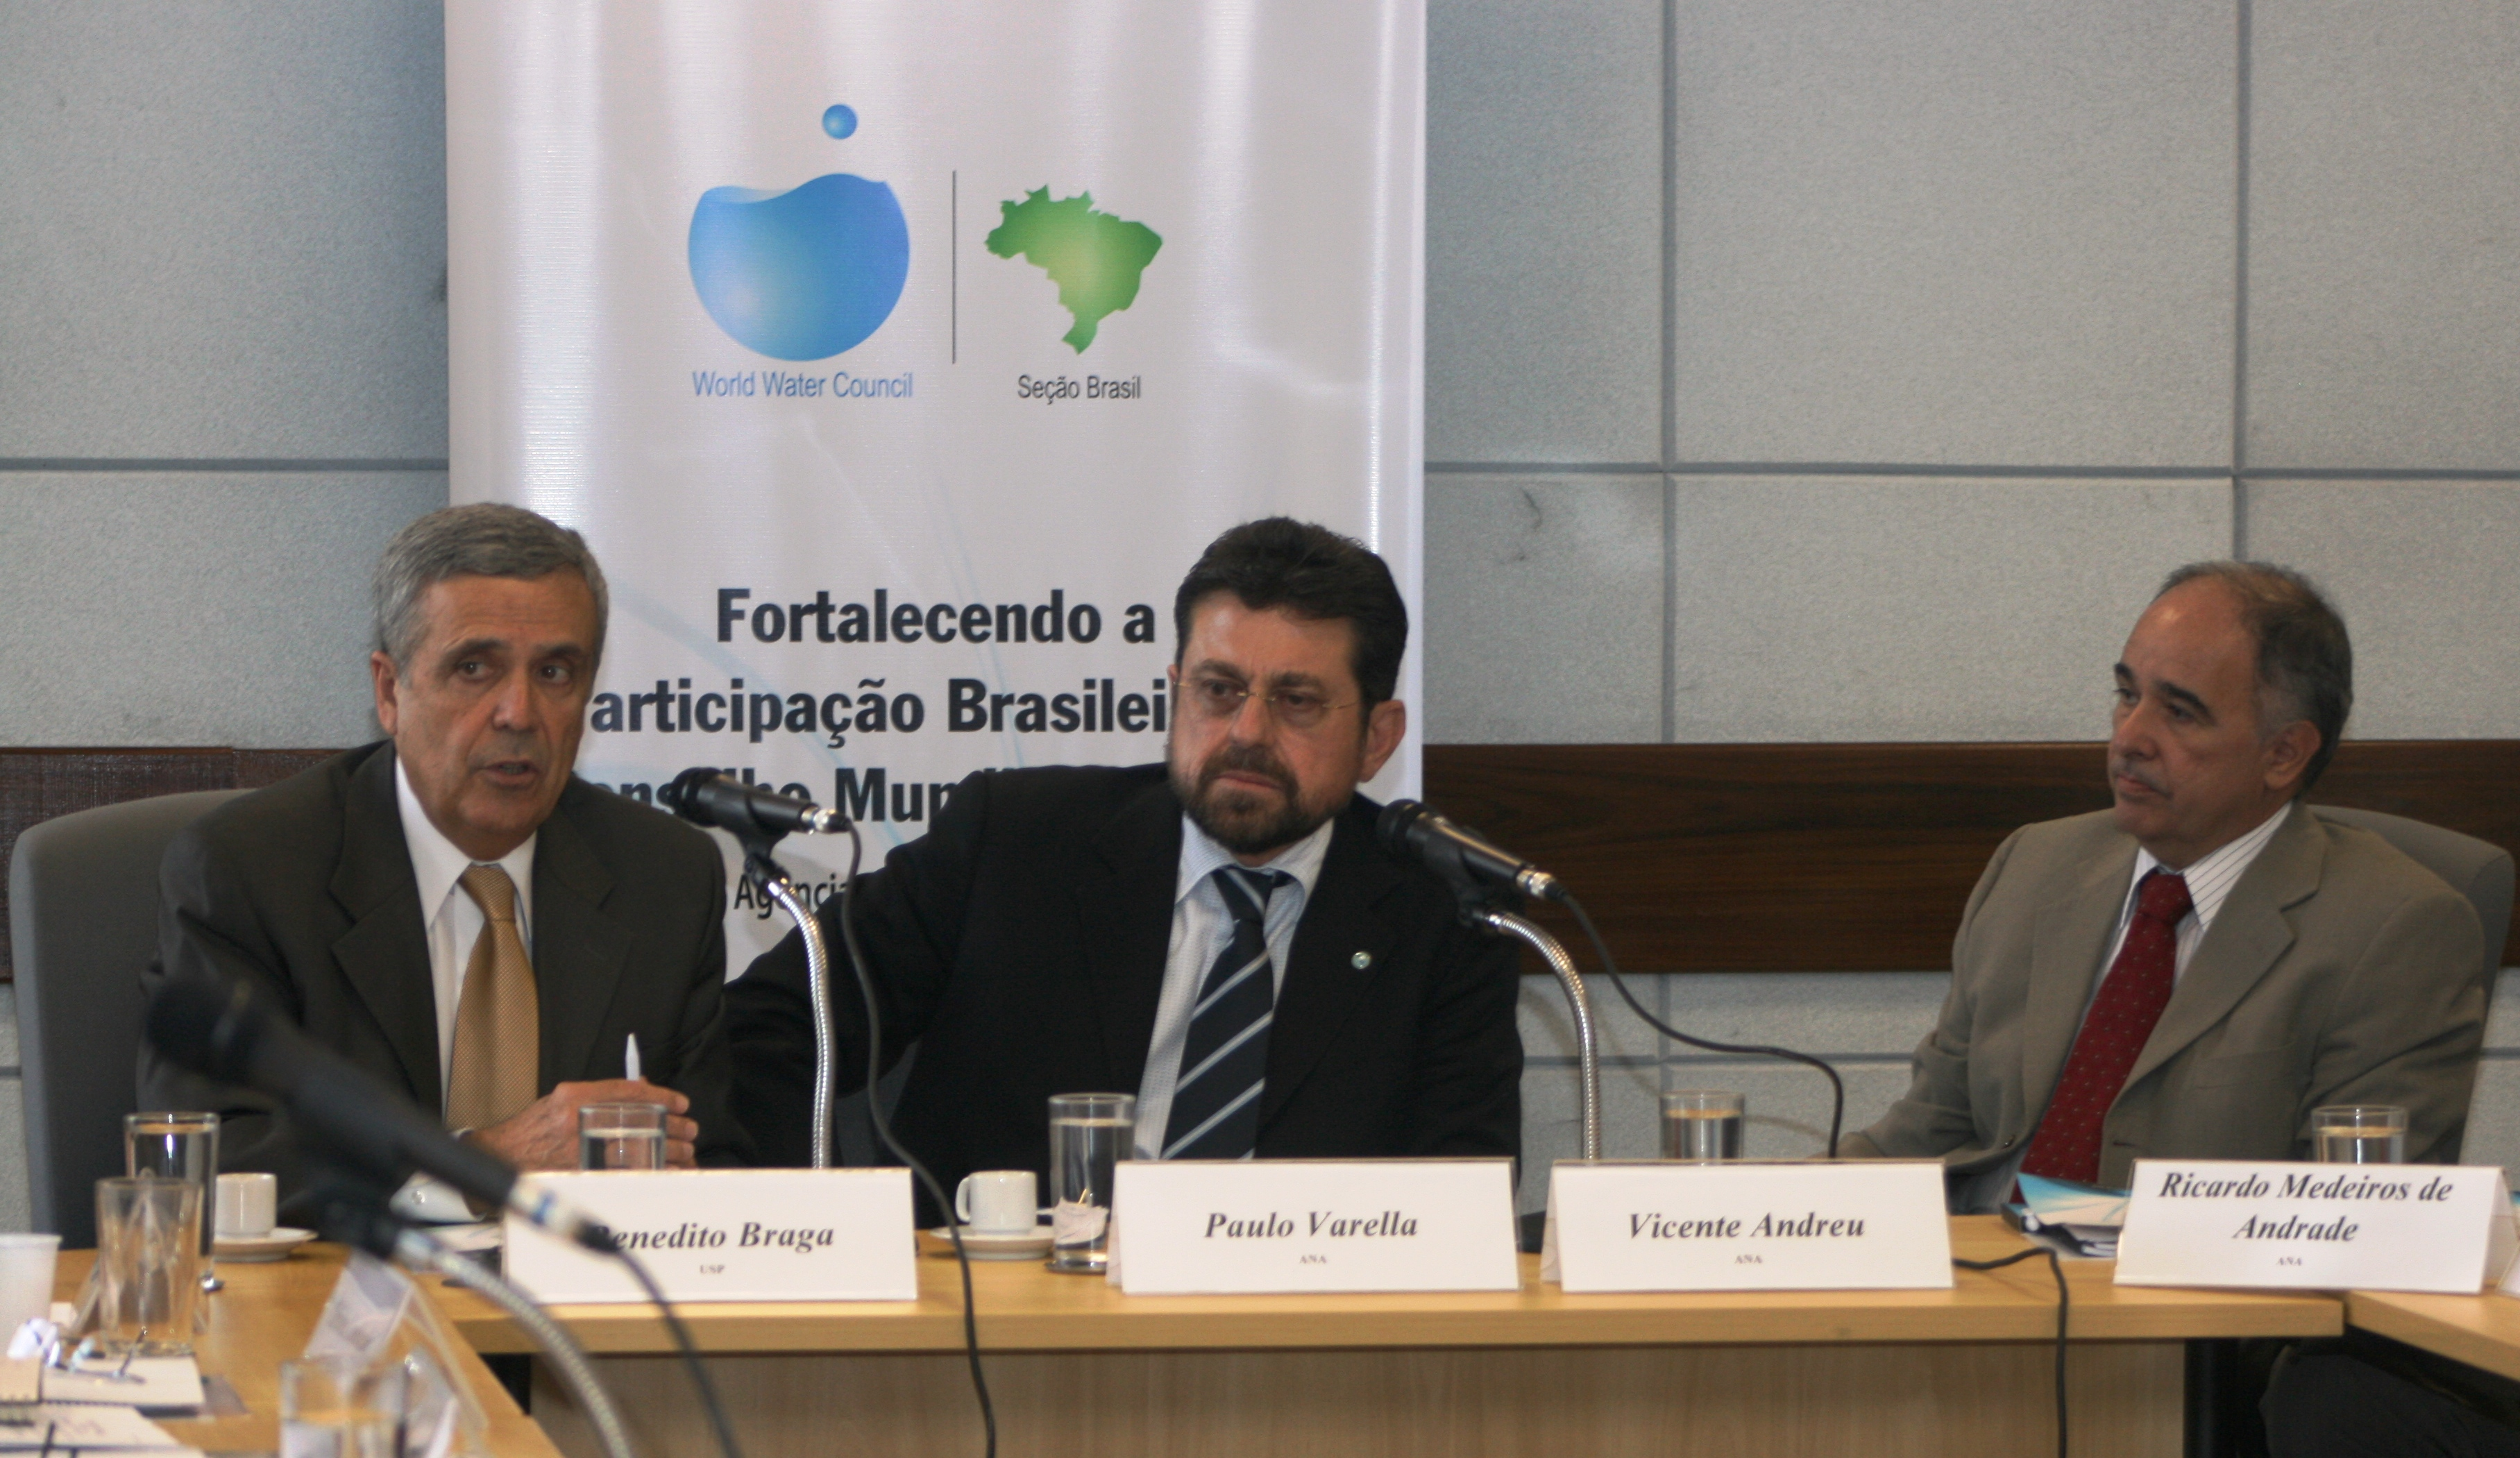 Vicente Andreu, ao lado de Paulo Varella e Benedito Braga, sugeriu uma candidatura do Brasil para sediar o Fórum Mundial da Água de 2018